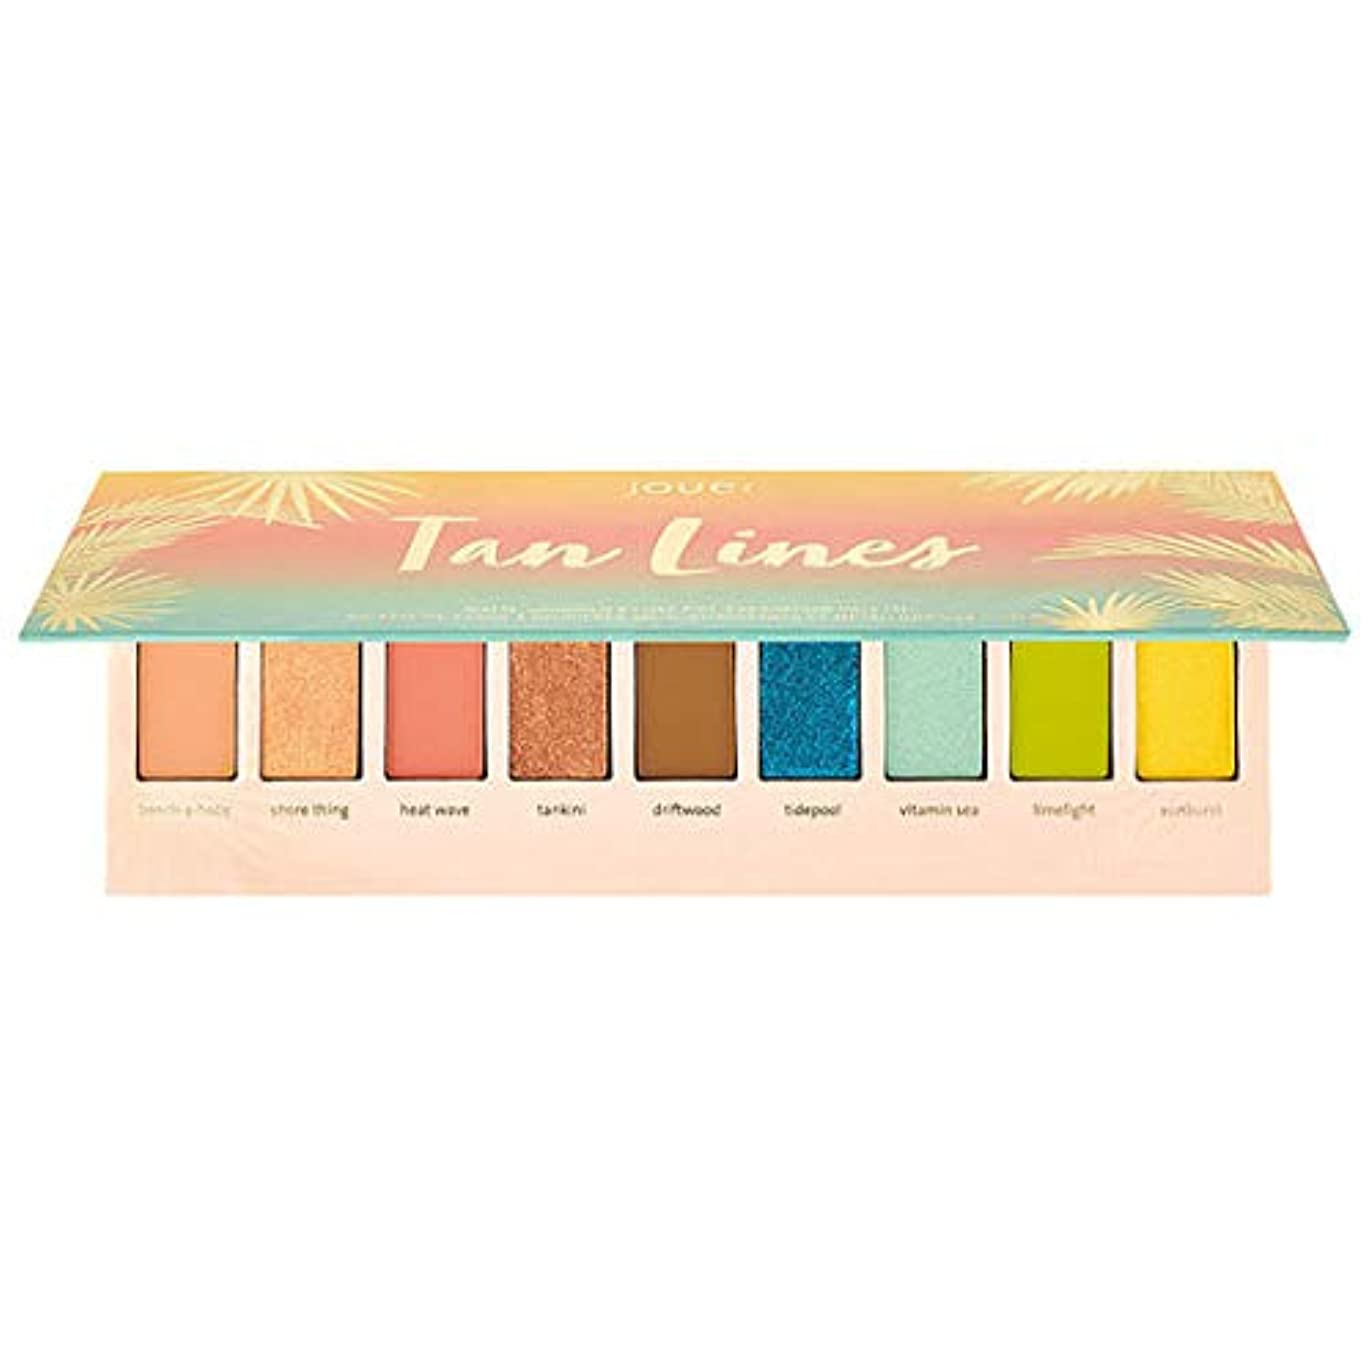 スクラップコマンドフェリーJouer Cosmetics Tan Lines Matte, Shimmer & Luxe Foil Eyeshadow Palette